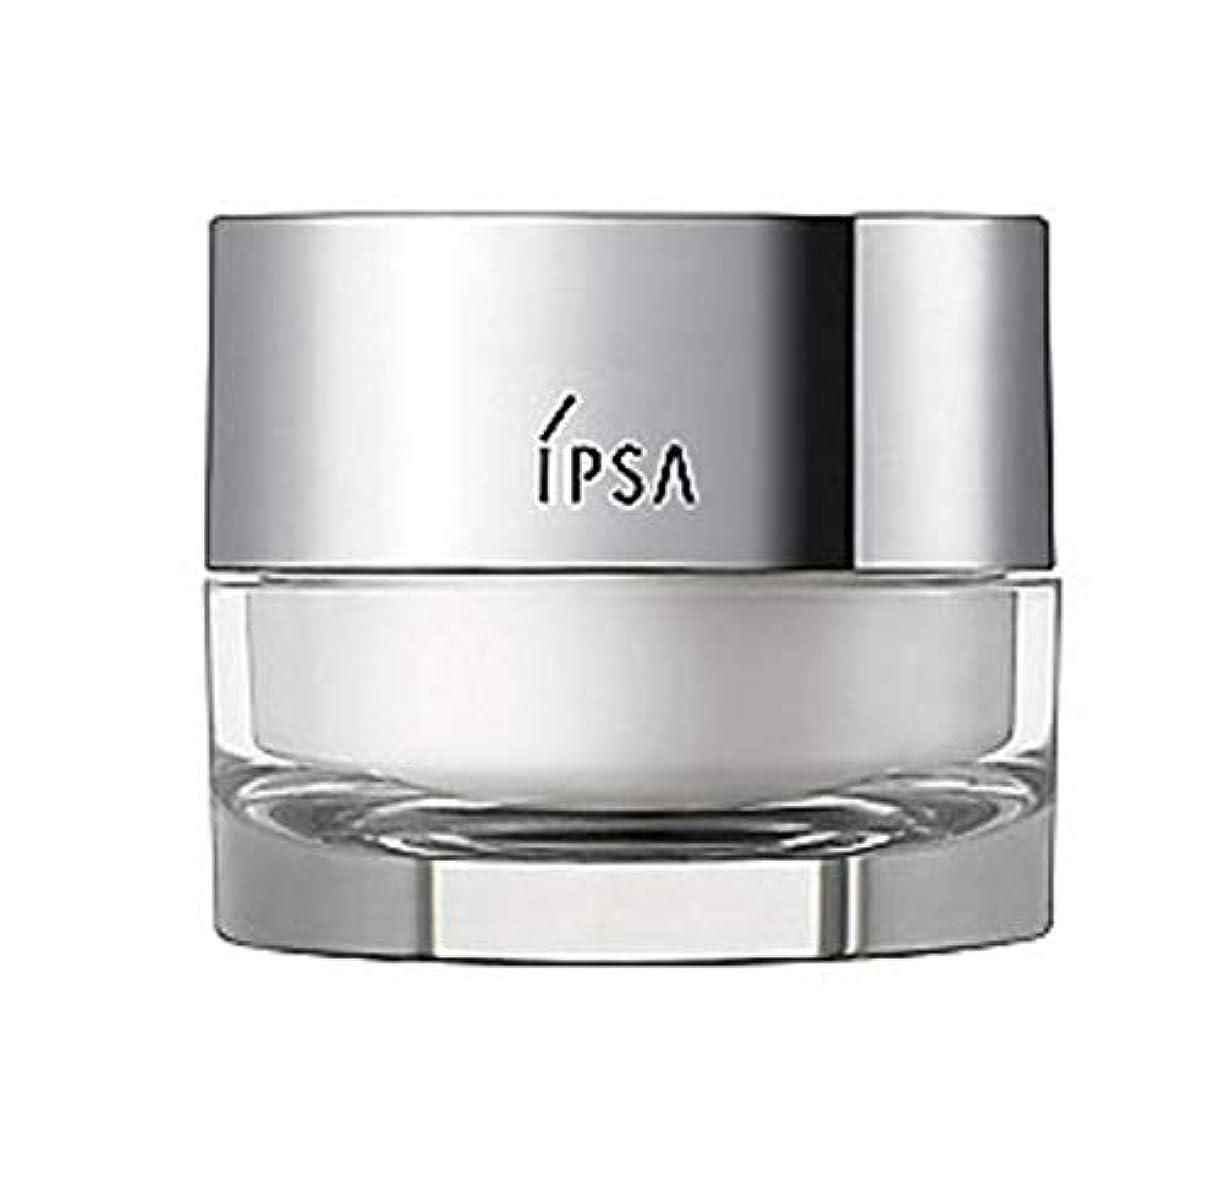 拒否華氏納屋【IPSA(イプサ)】ターゲットエフェクト S_30g(クリーム)